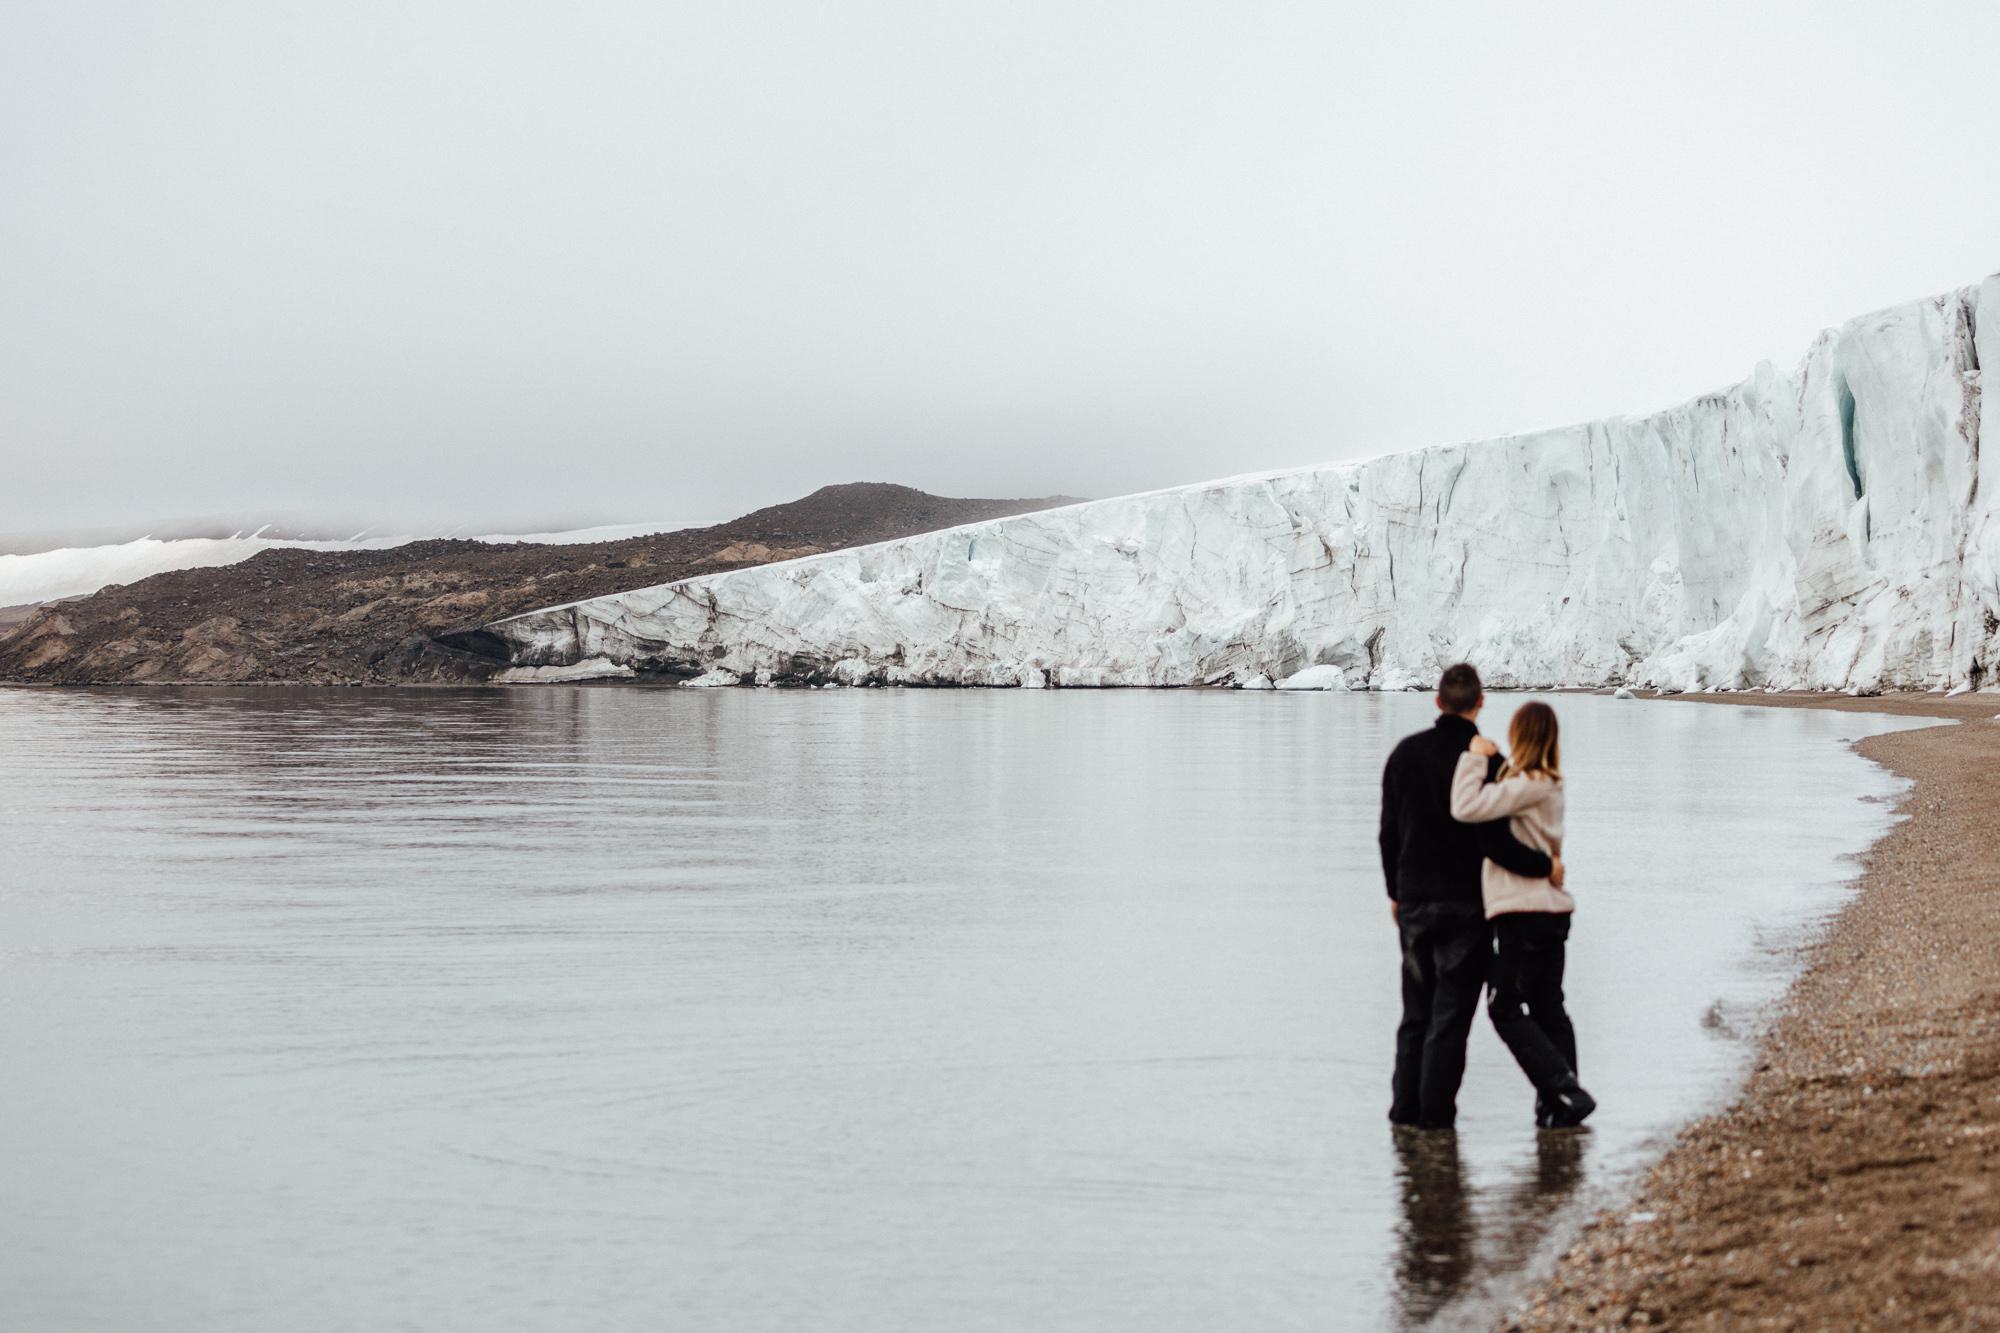 Glacier on the beach in Torrellneset Svalbard Spitsbergen via @finduslost